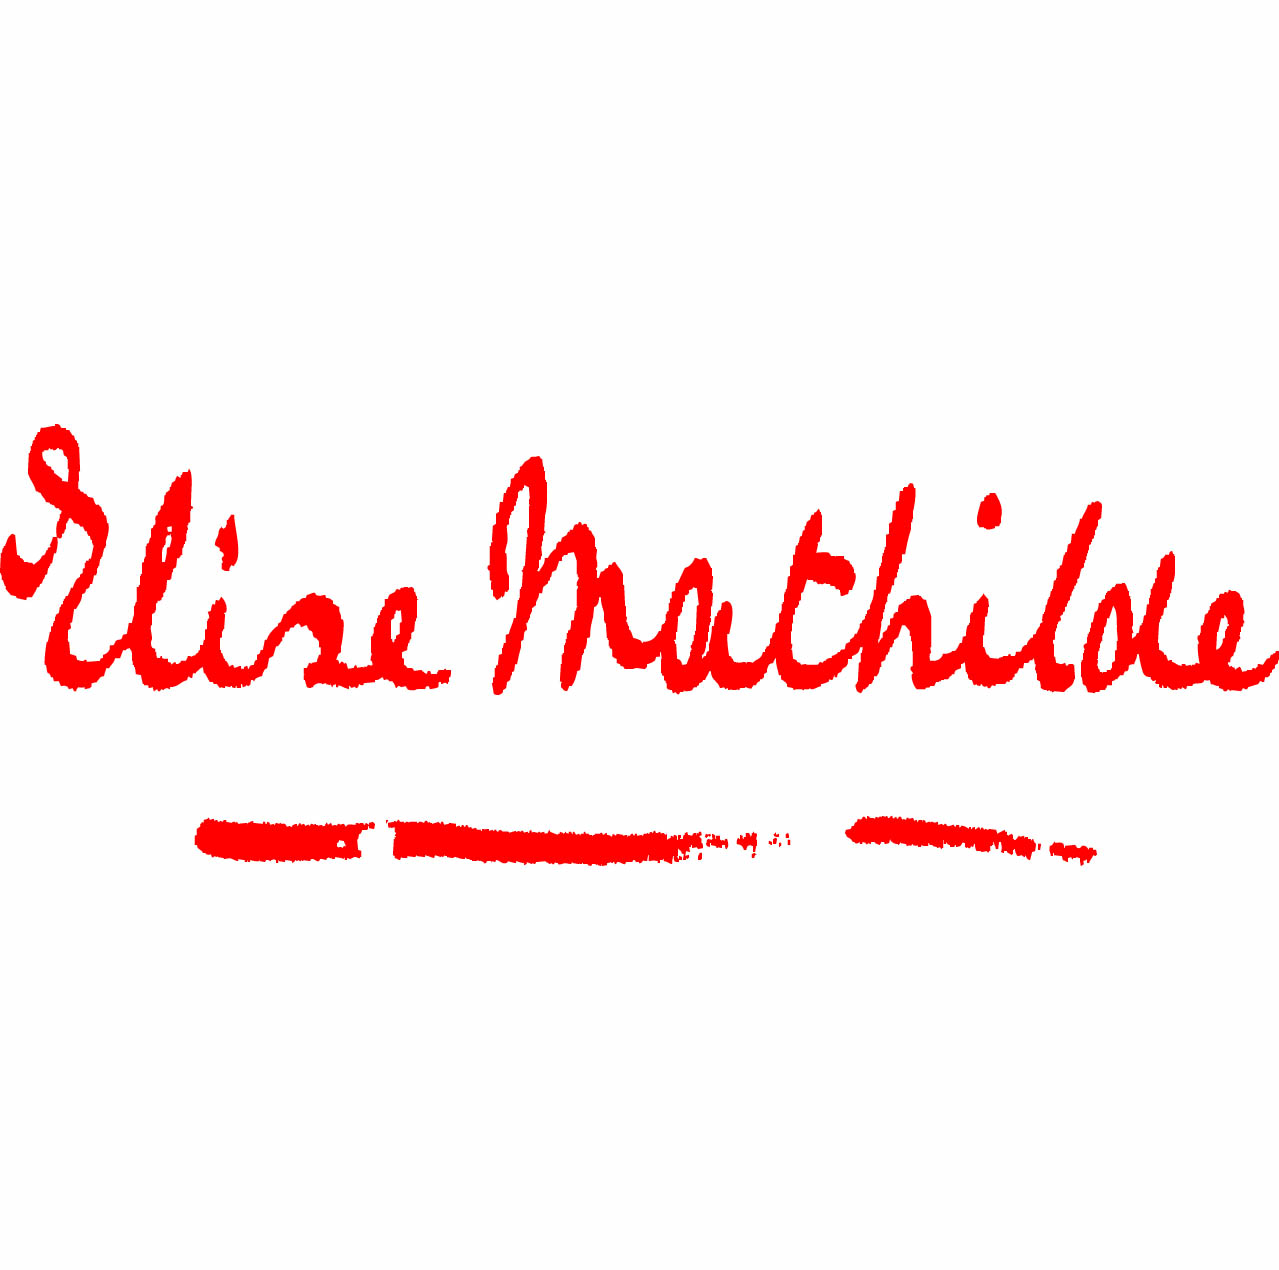 Stichting Elise Mathilde